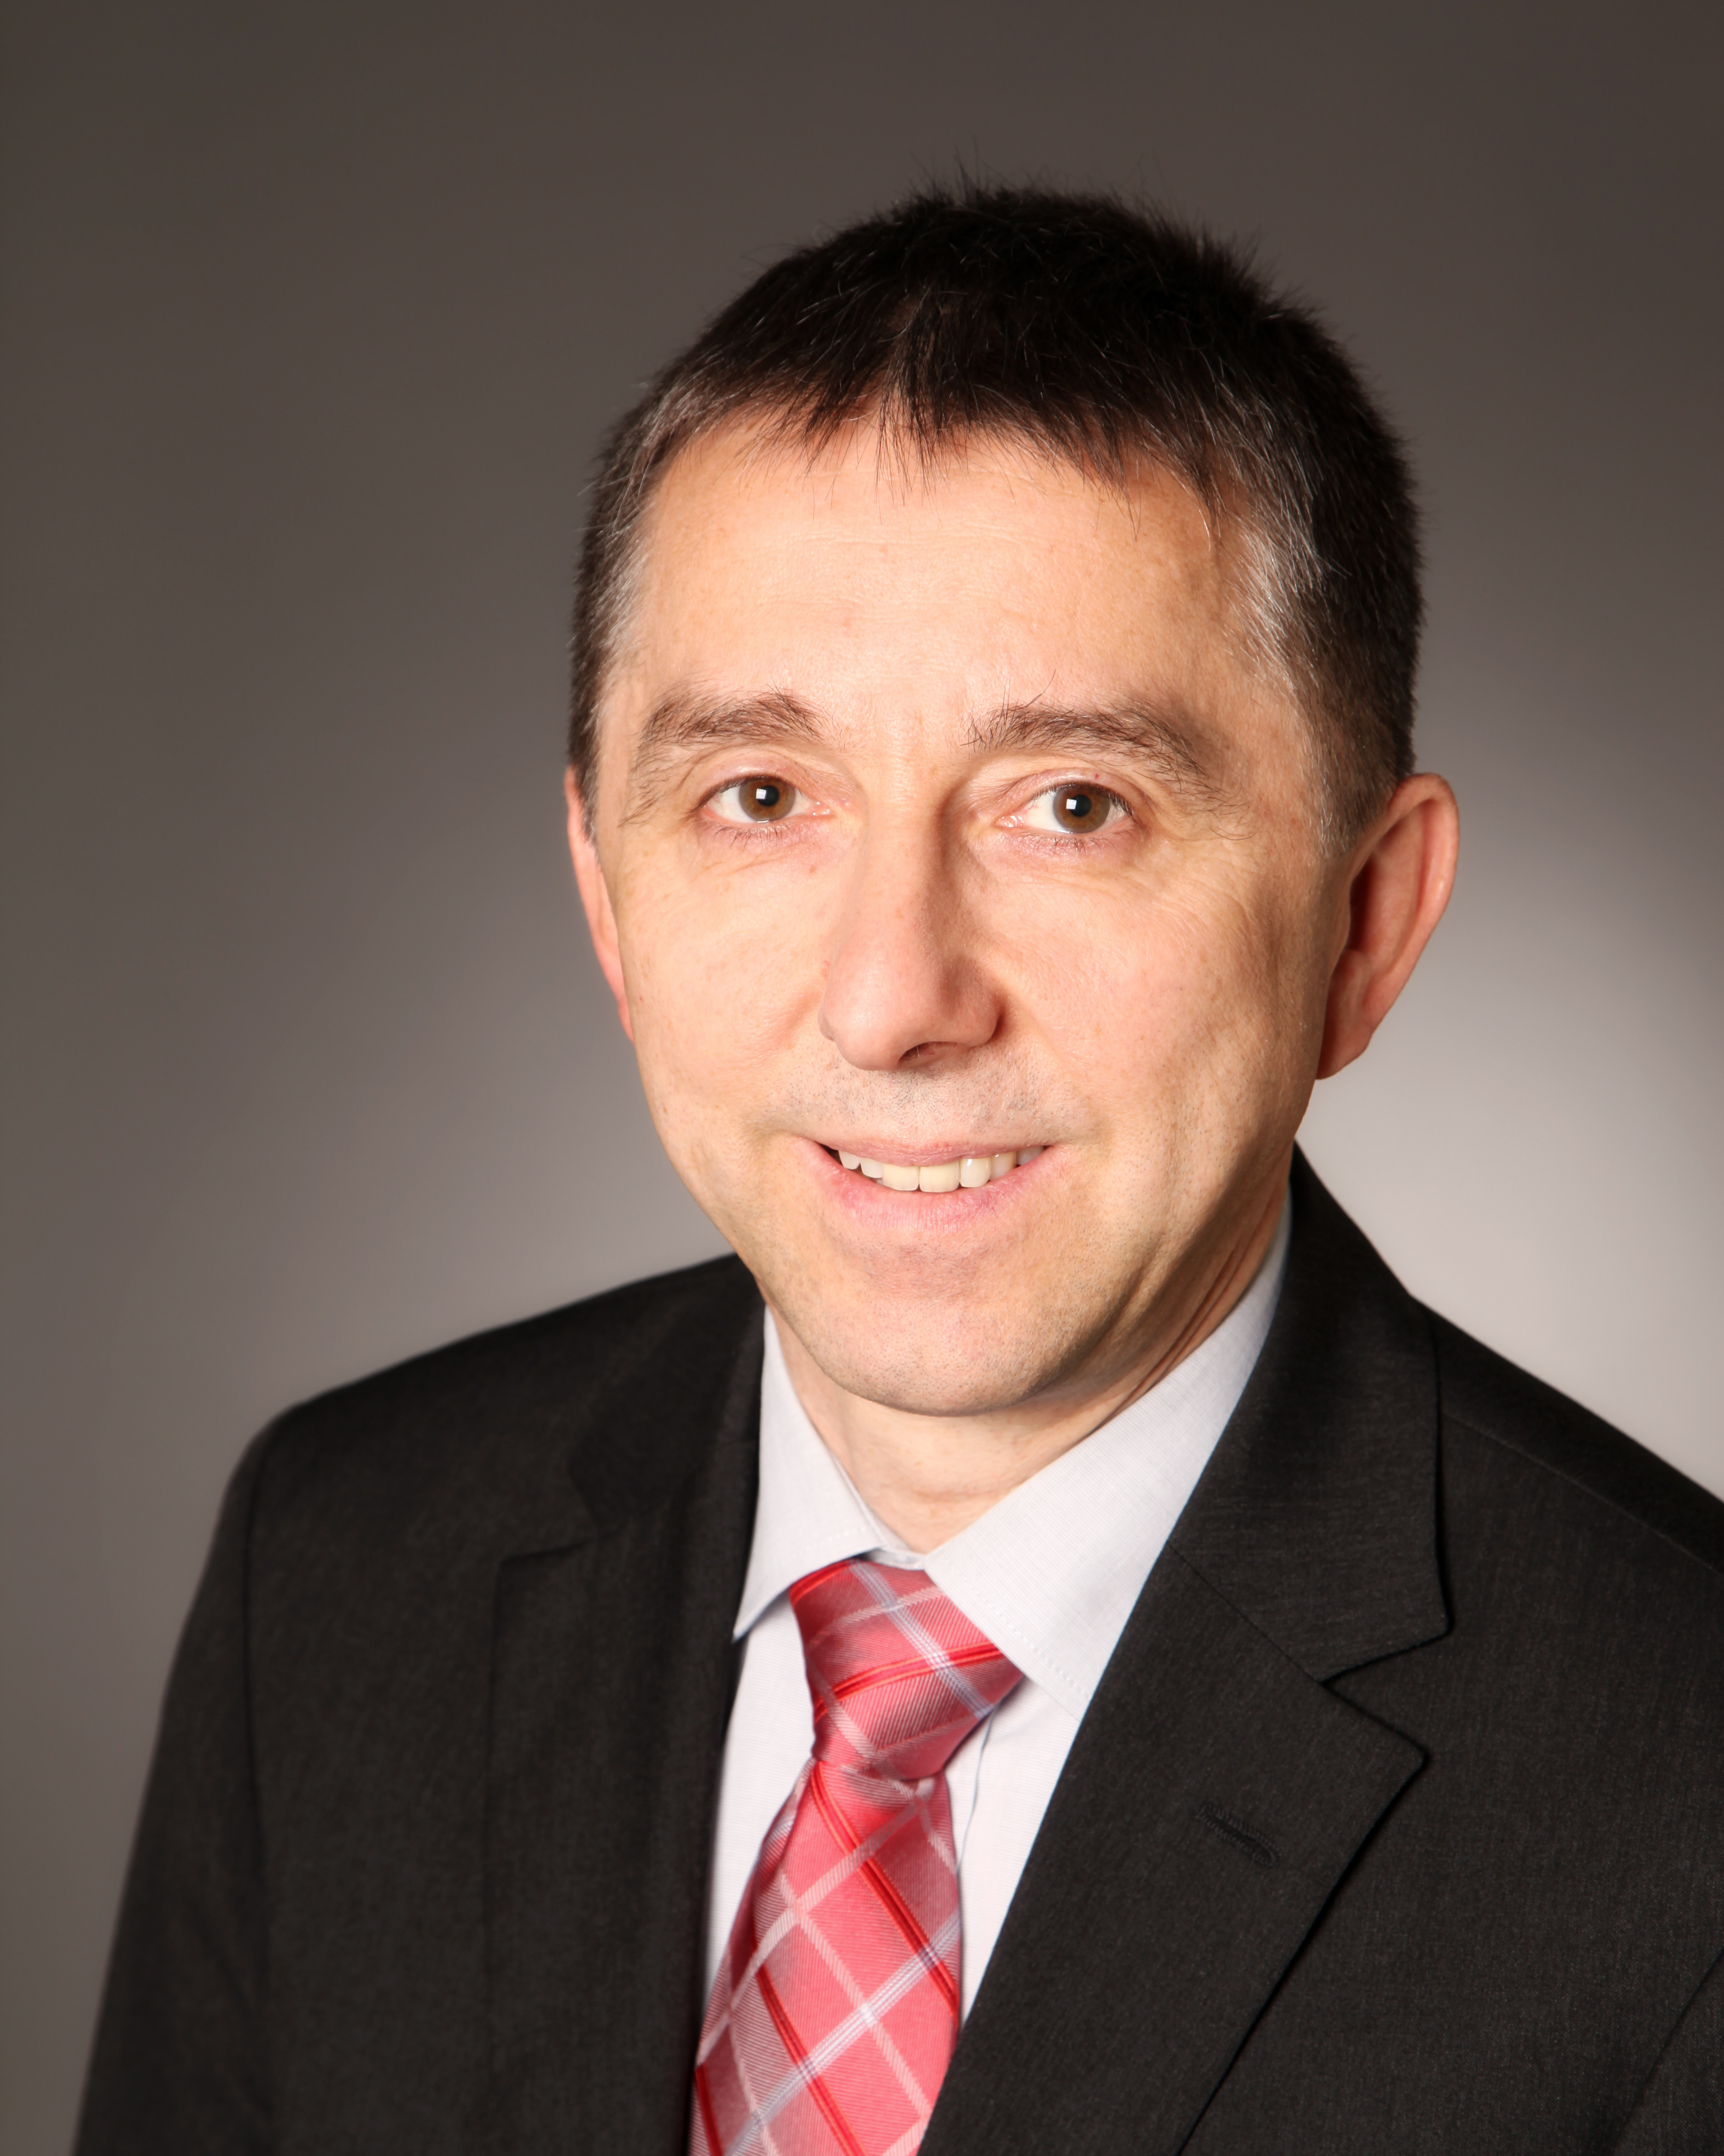 Dr Brauer Halle